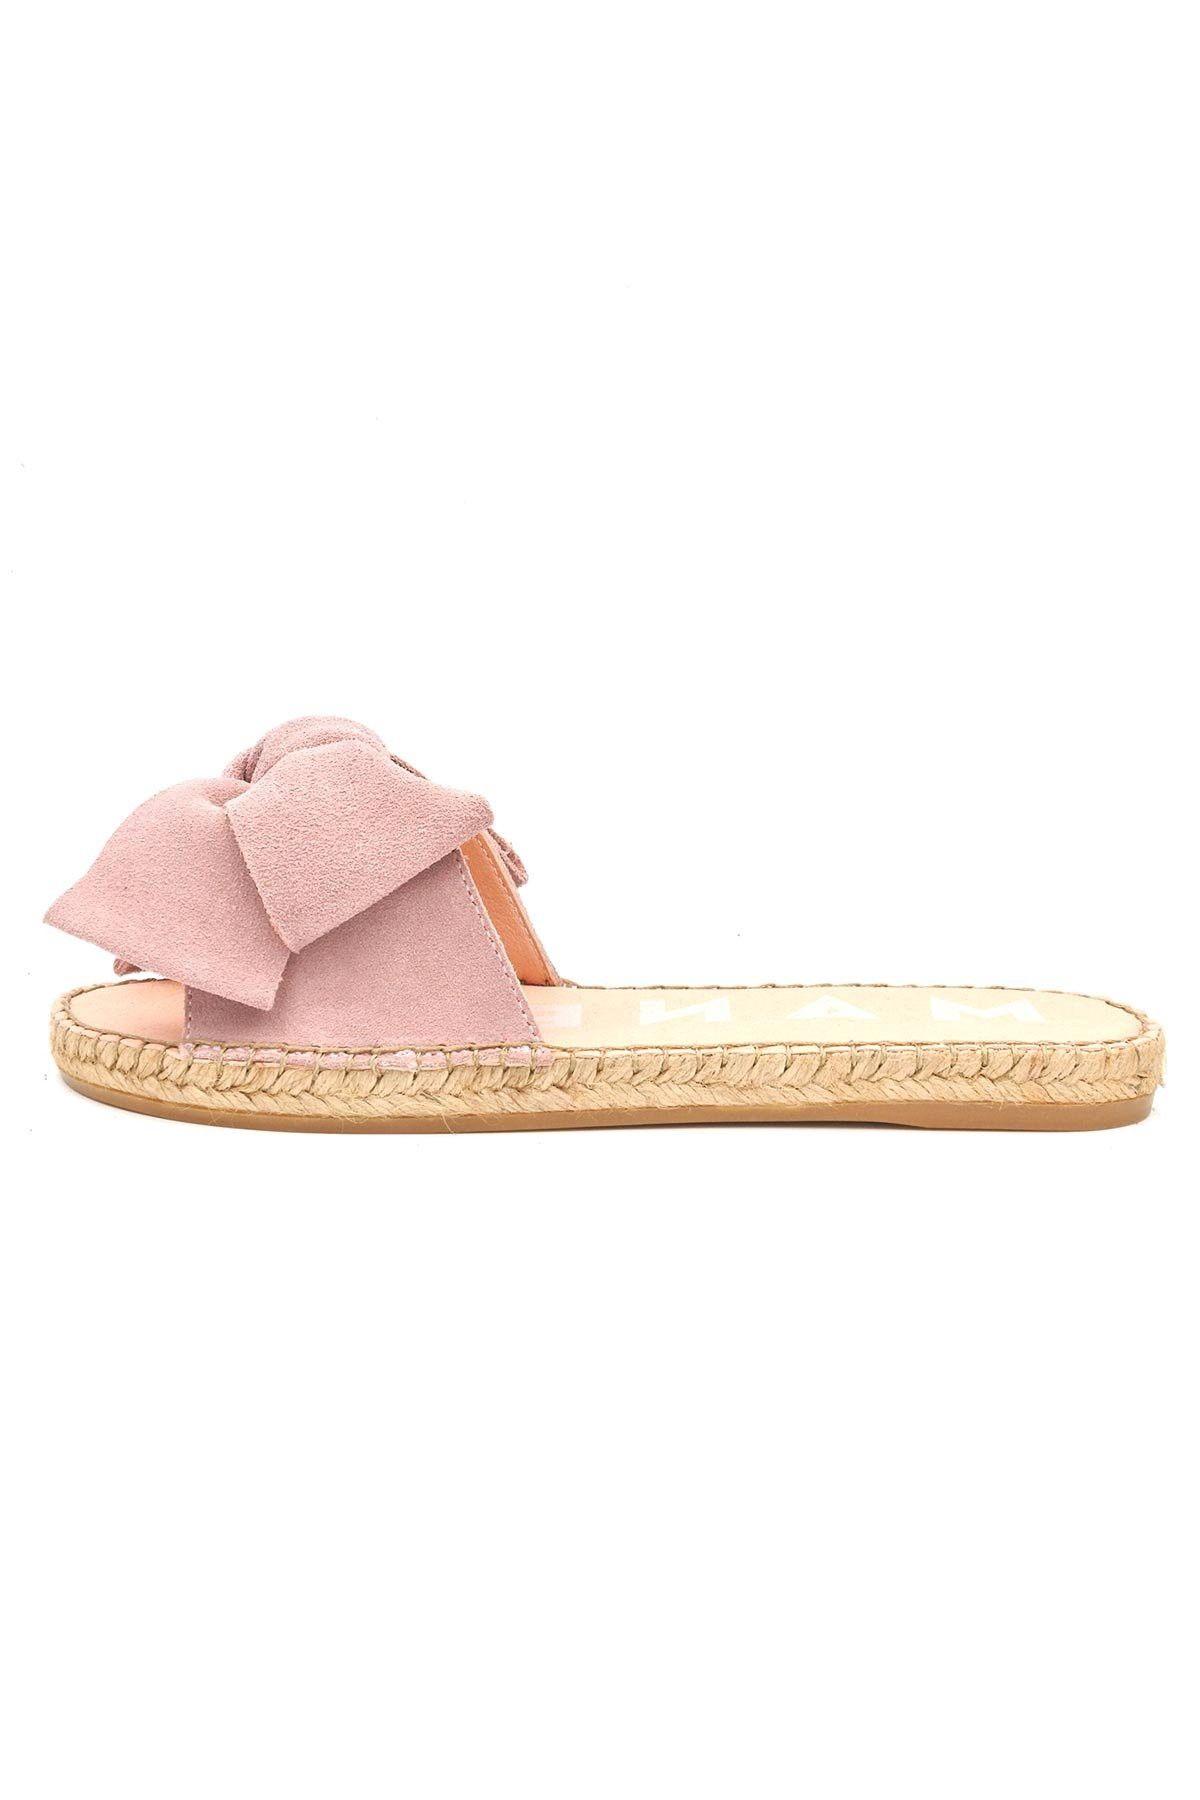 1bfb526279ef Velvet By Graham   Spencer Flat Sandals With Bow Manebi - Black-Manebi 36